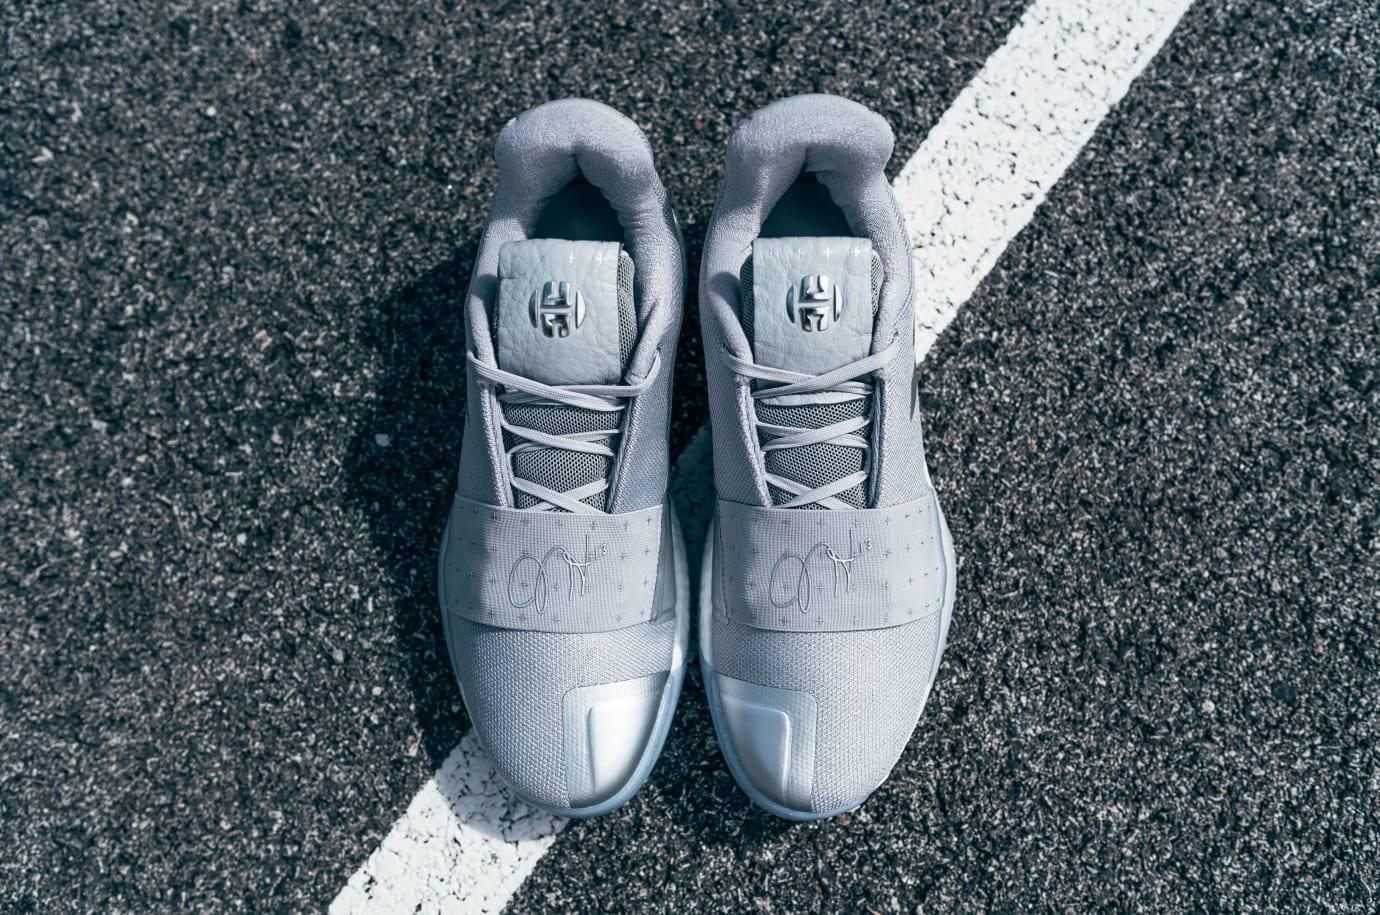 Adidas Harden Vol. 3 'Voyager' (Top)